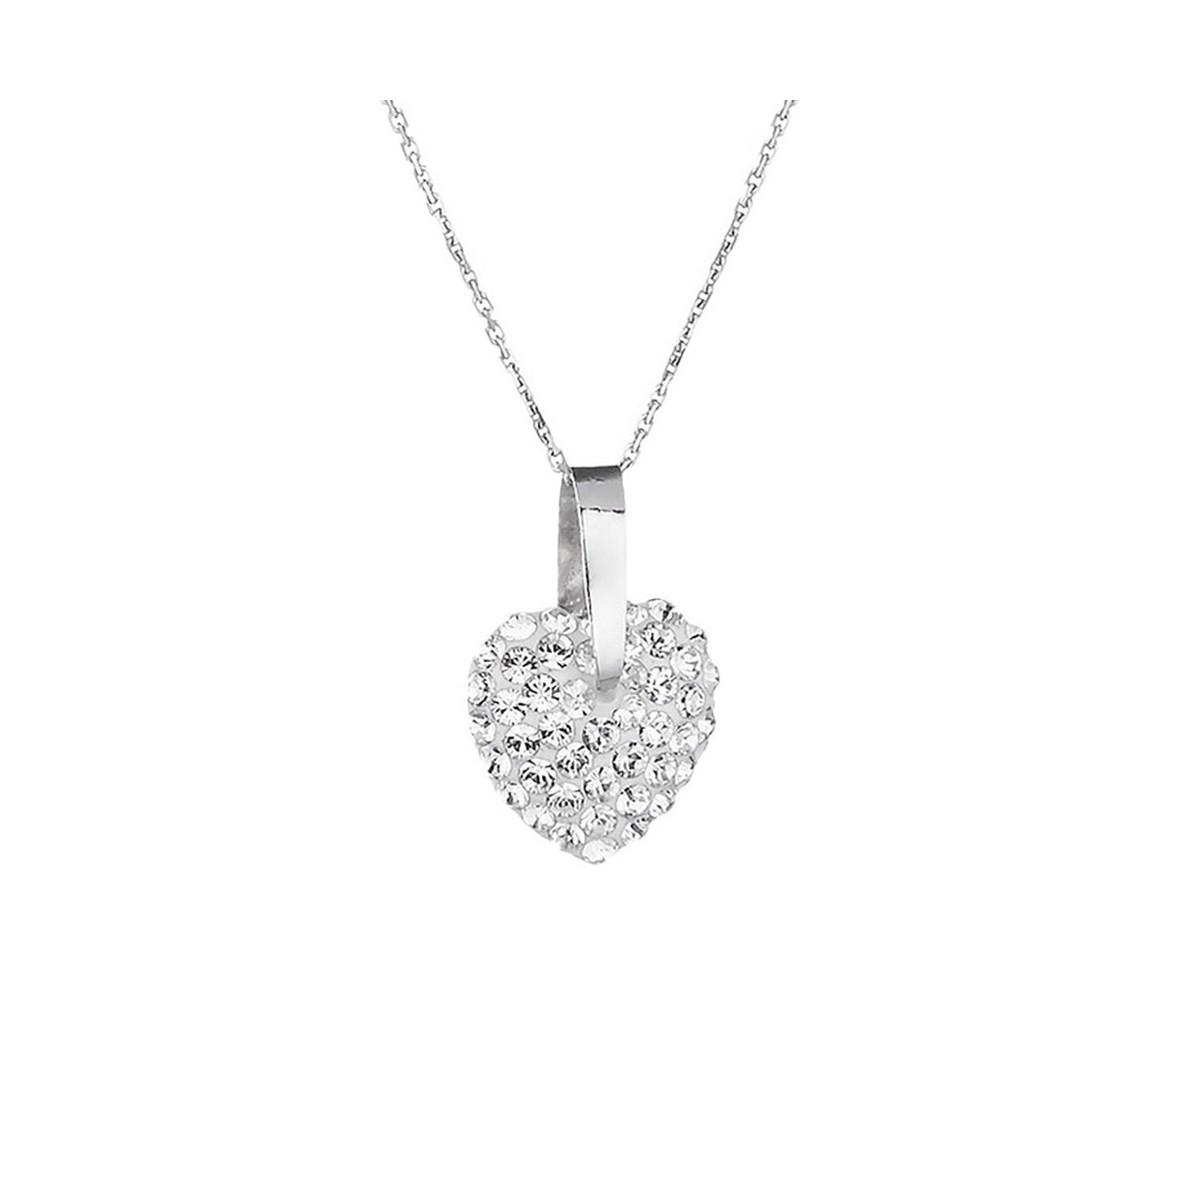 eeb4babf880fc Pendentif Argent orné de cristaux Blanc Amour - Femme - Collier | MATY